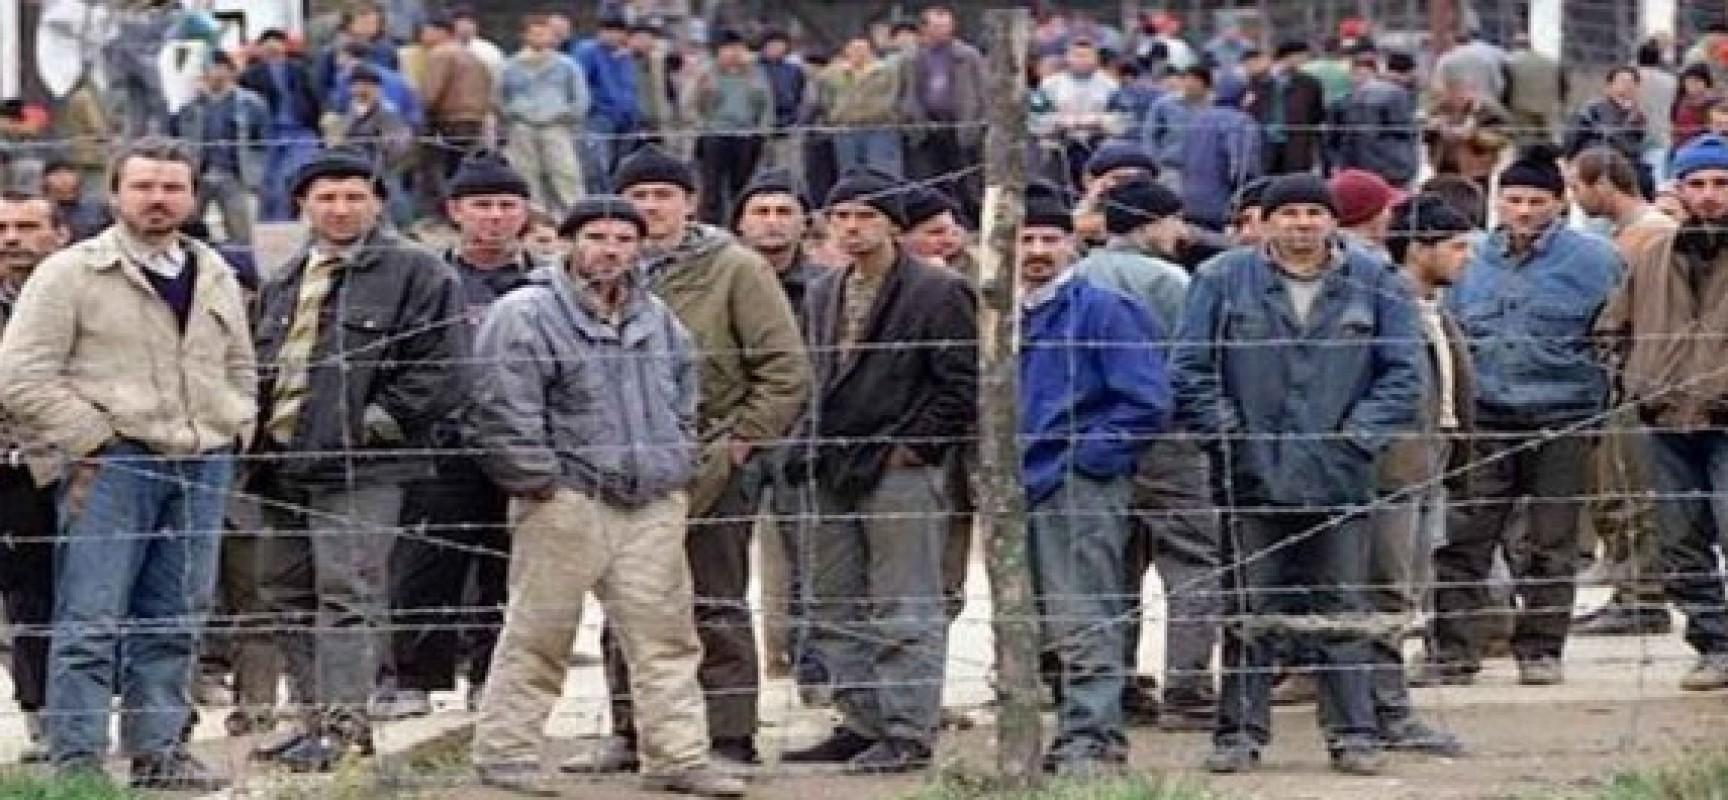 La horde d'or et les camps de réfugiés en Europe (Piero ...